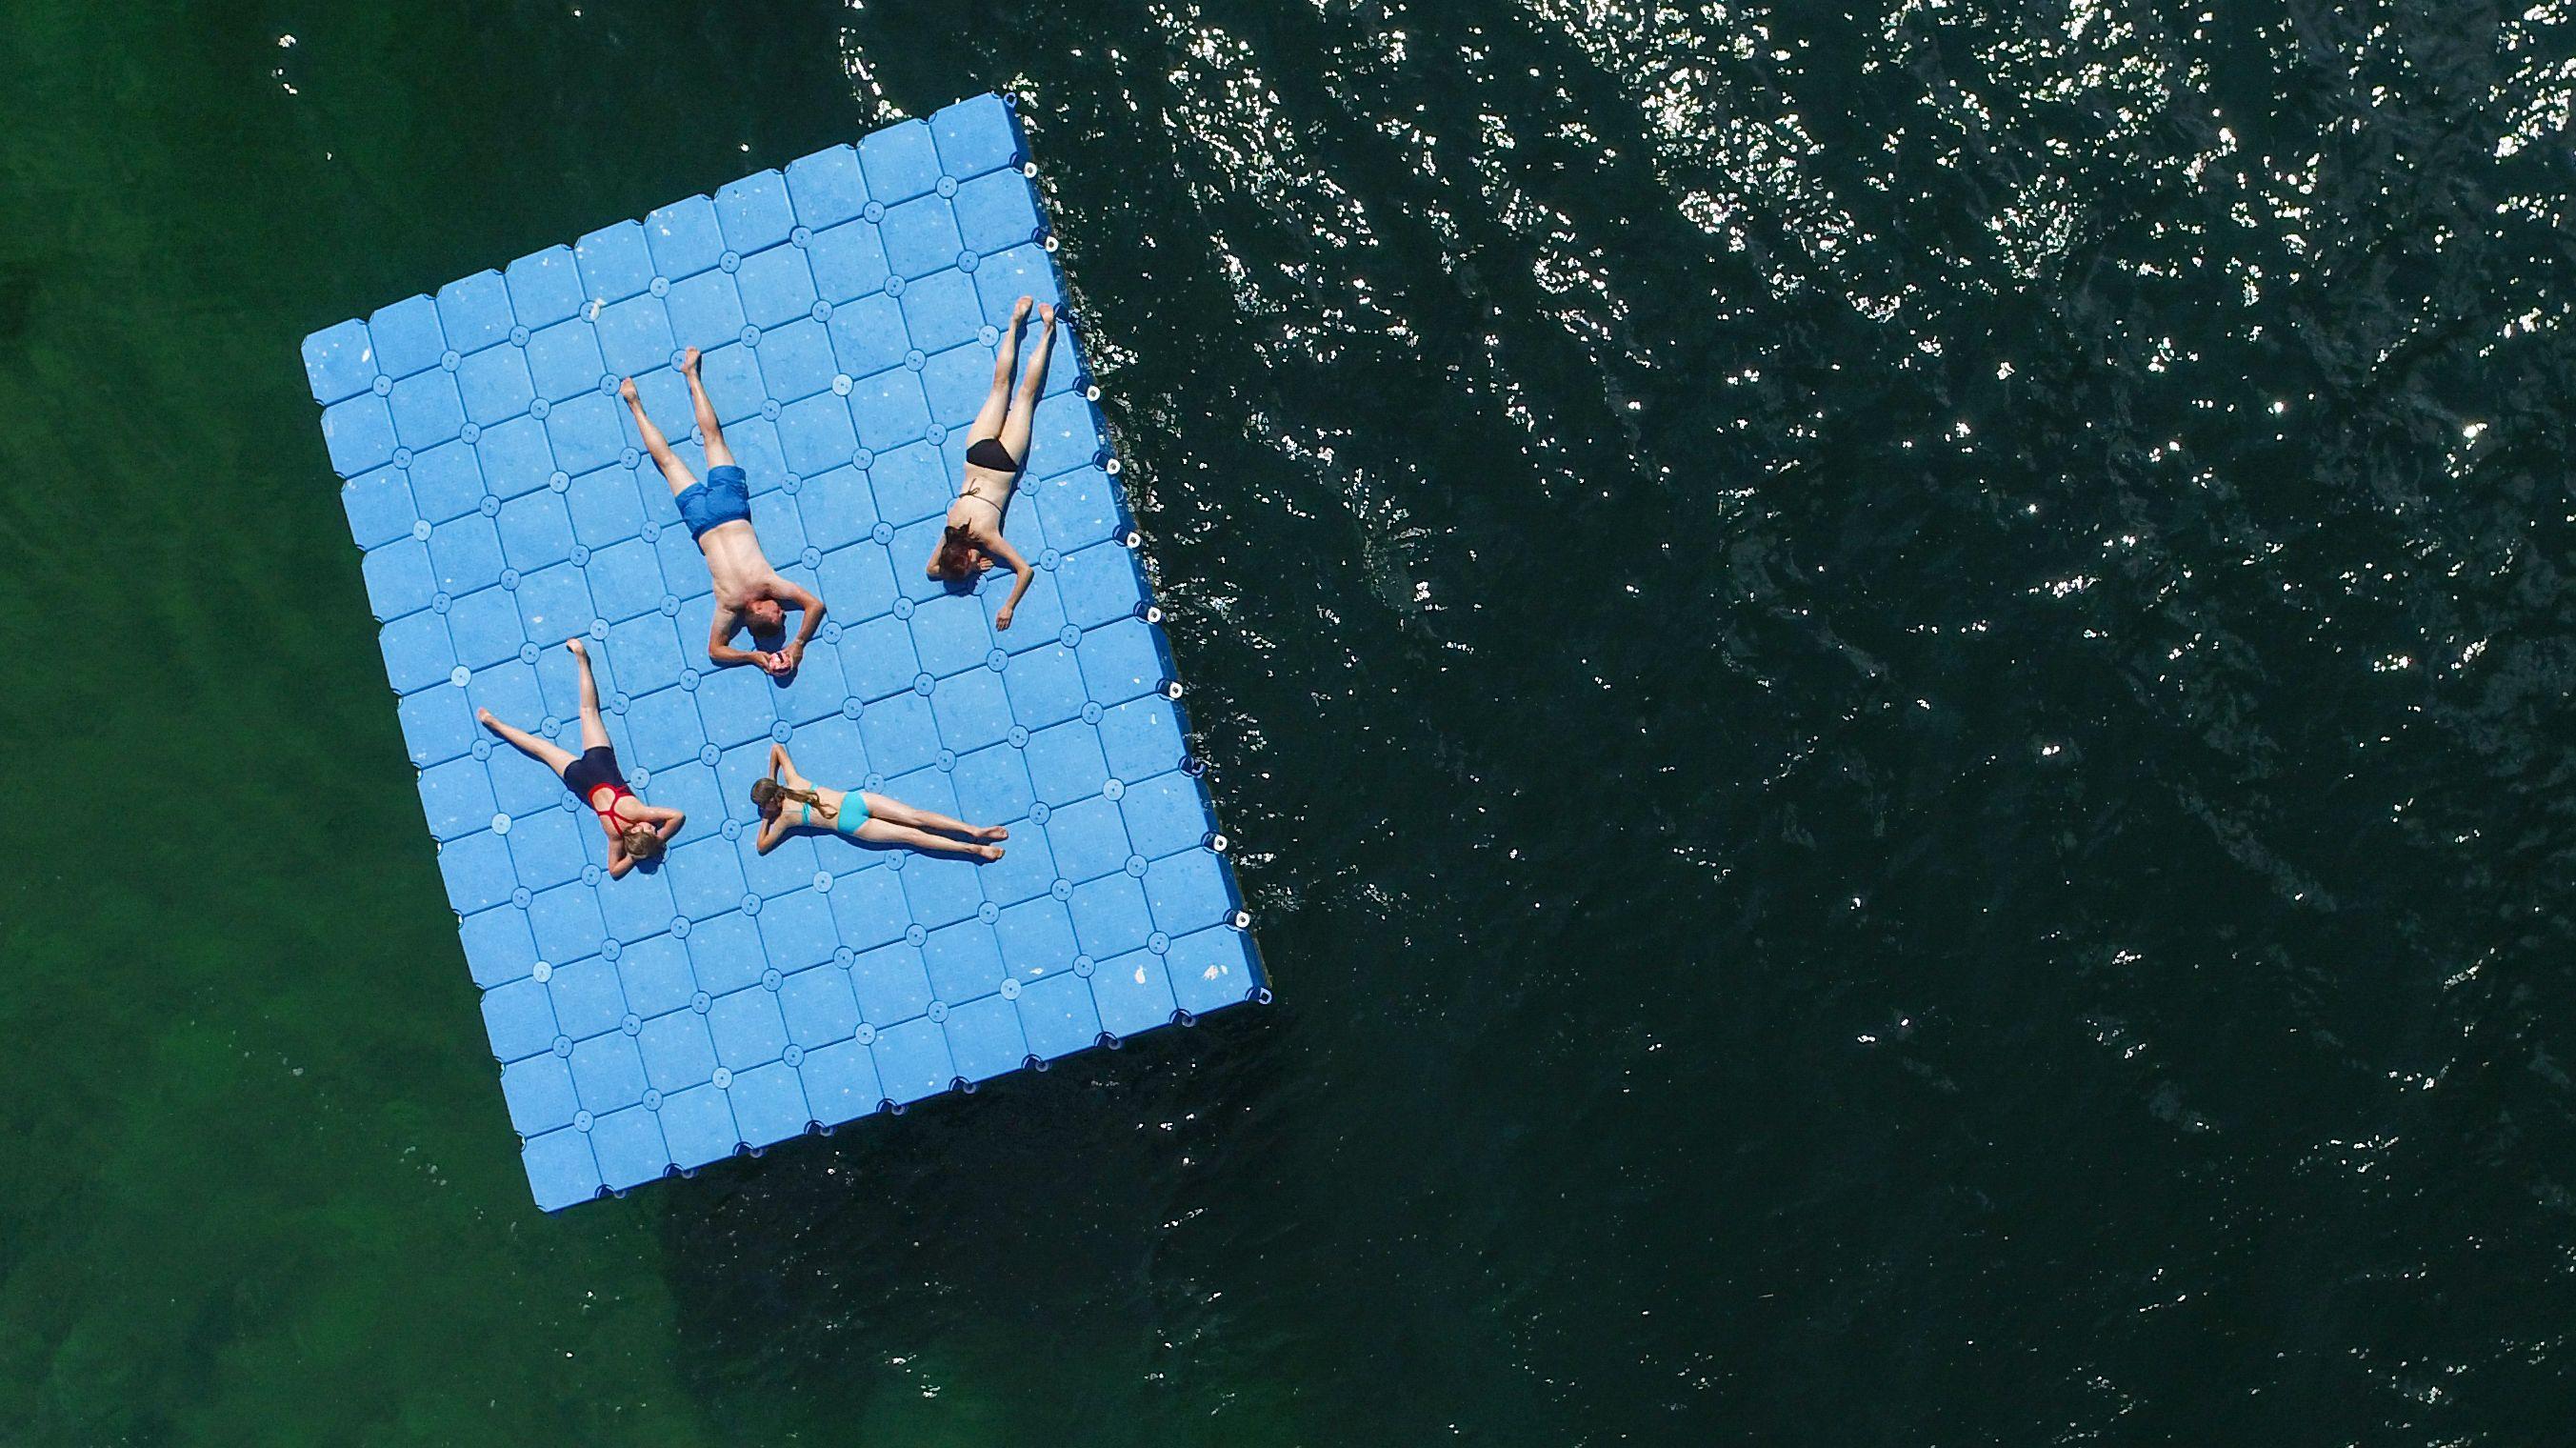 Eine Drohne fotografiert das Geschehen an einem Badesee aus der Luft